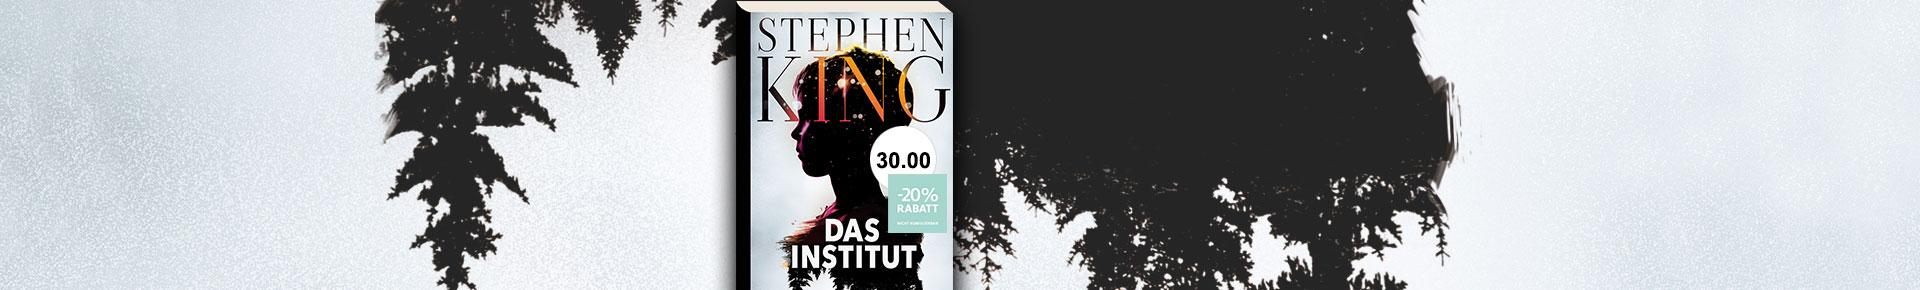 Das Institut- Stephen King